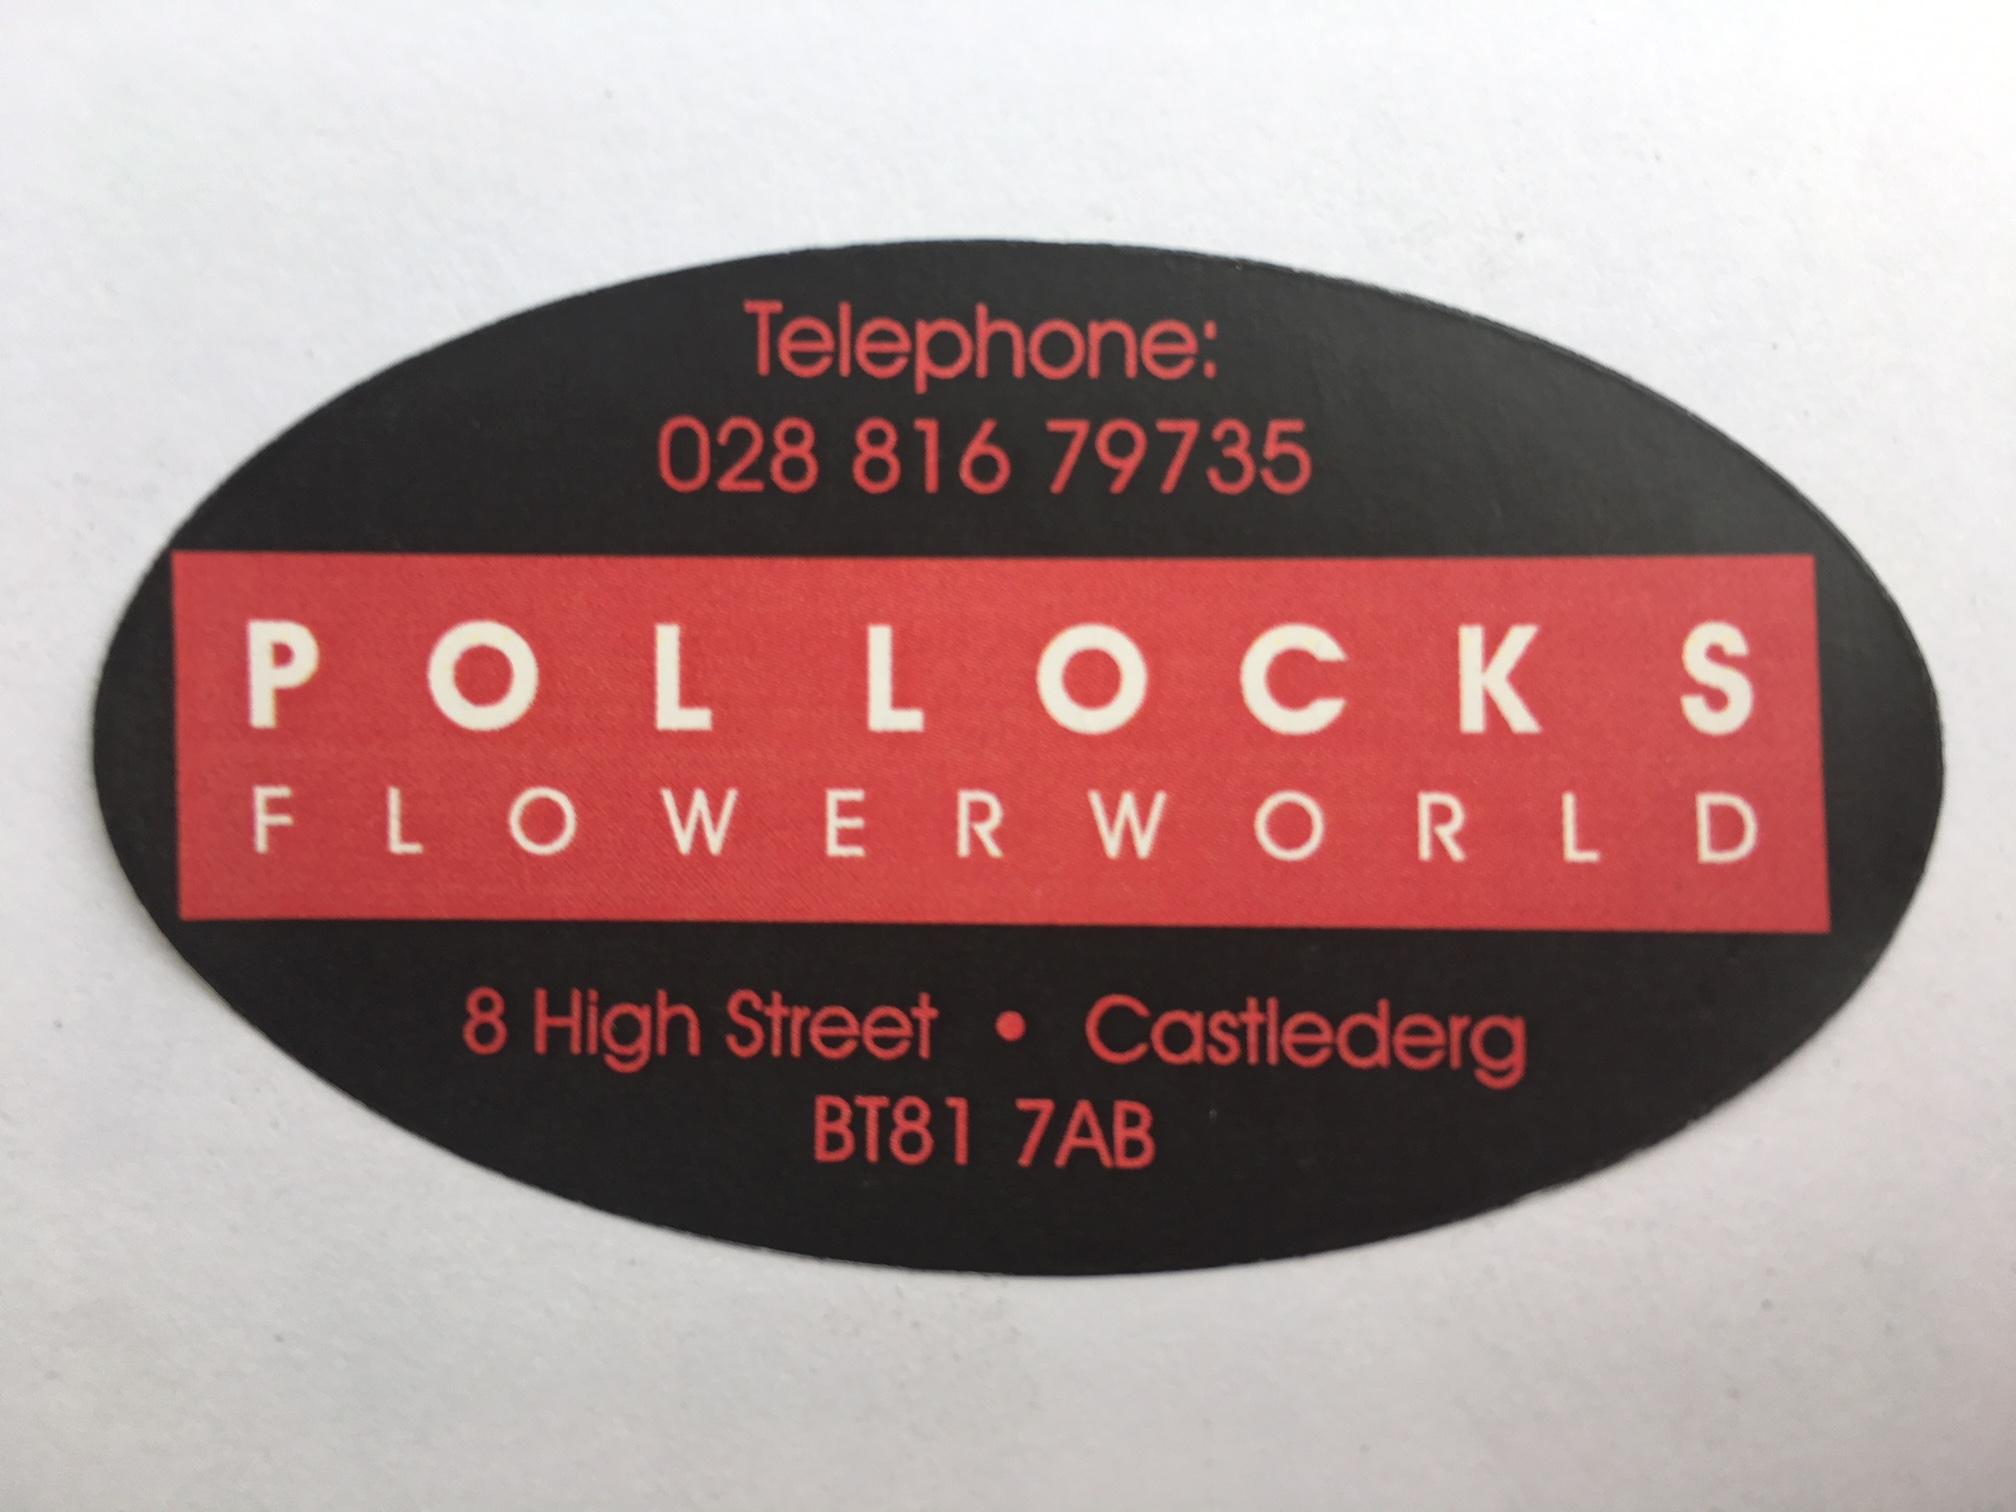 Pollocks Flowers